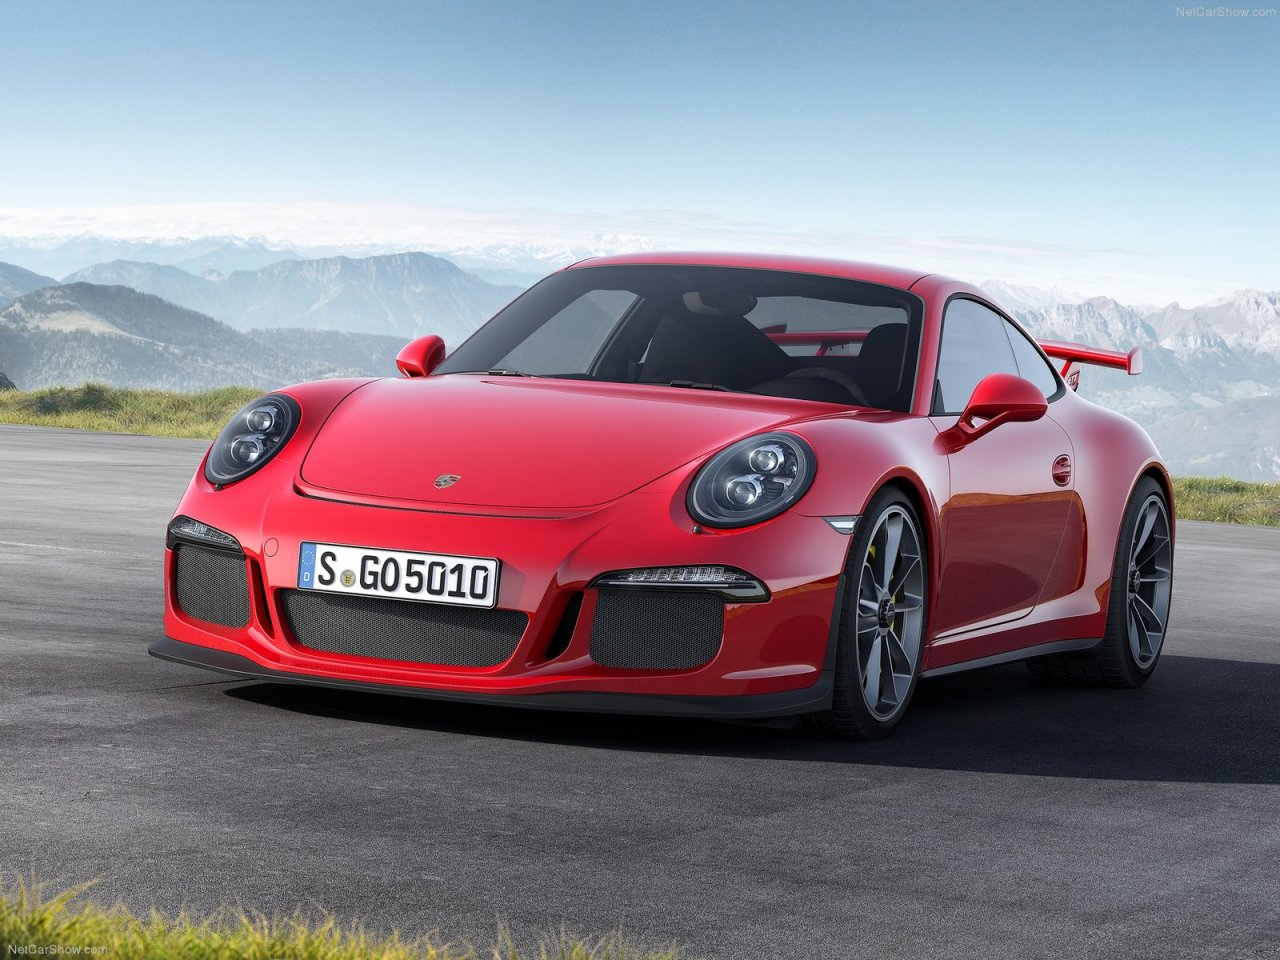 มาทำความรู้จักกับ Porsche correra 991 กัน!!